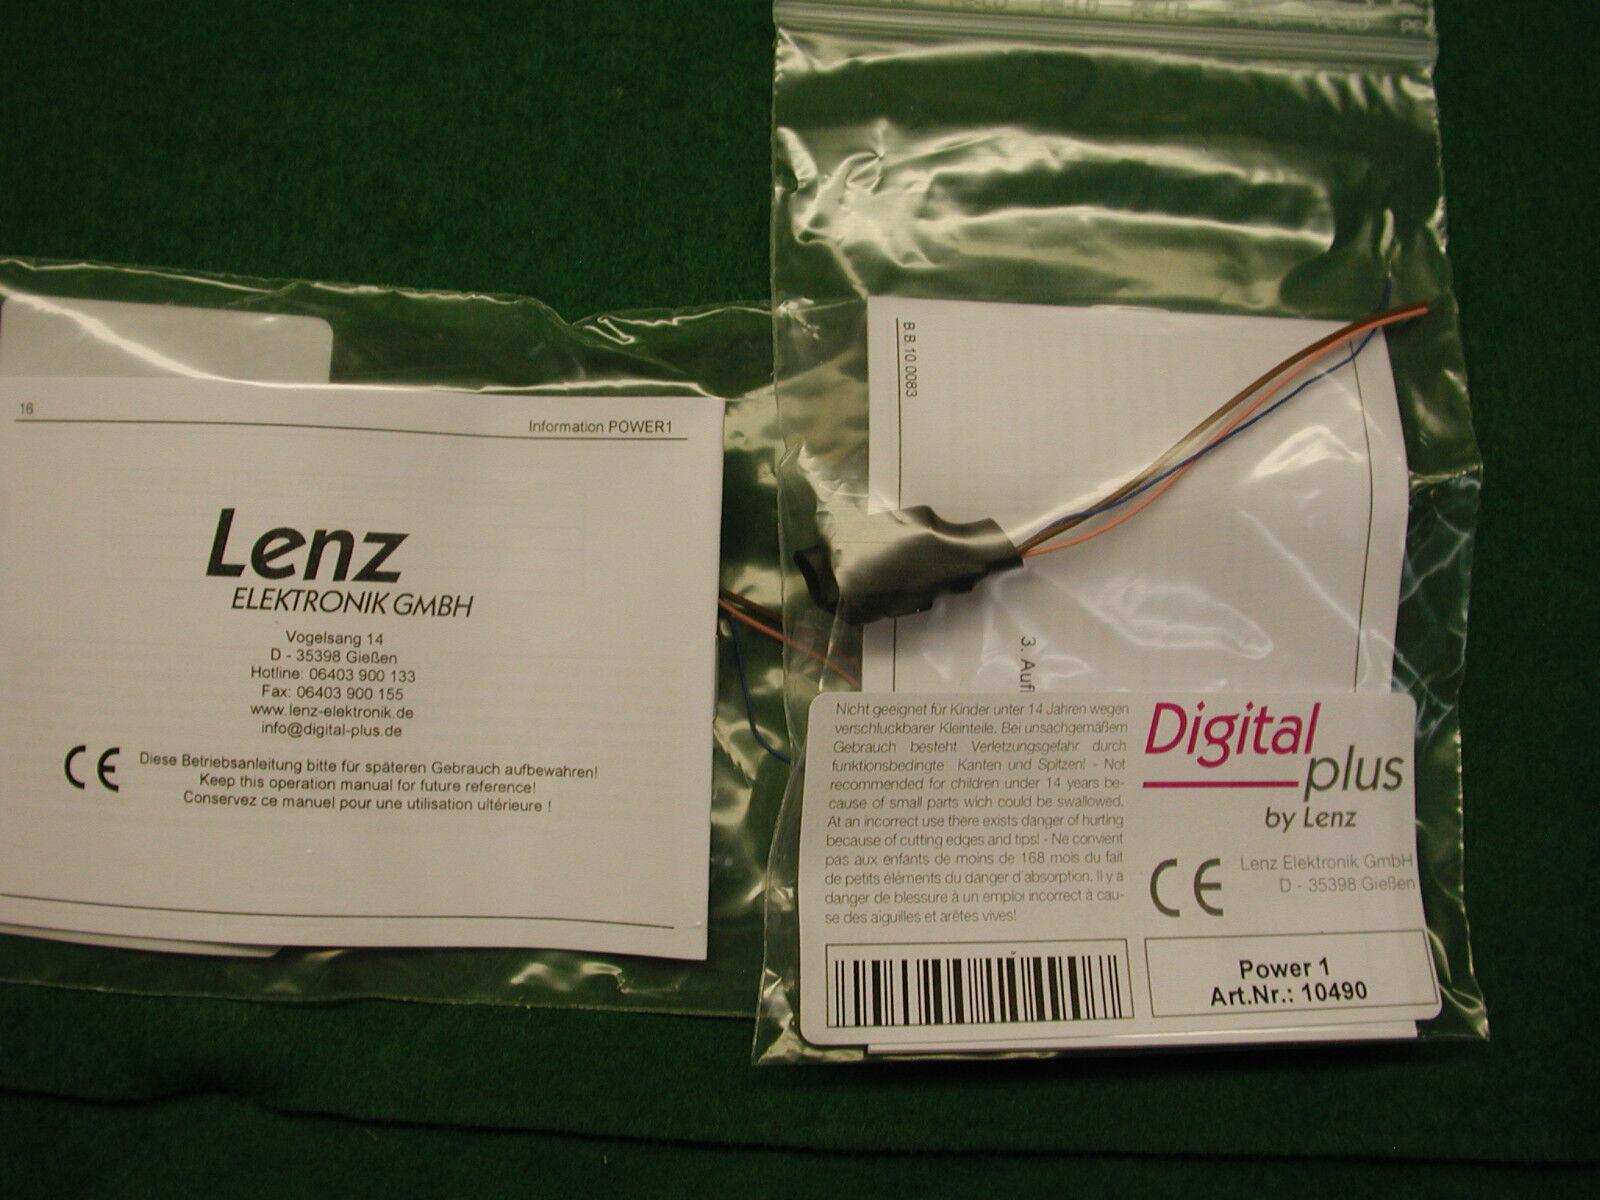 Lenz DCC Art. Nr. 10490 Módulo de USP Power 1 para los decodificadores oro Nuevo en paquete Mfg.